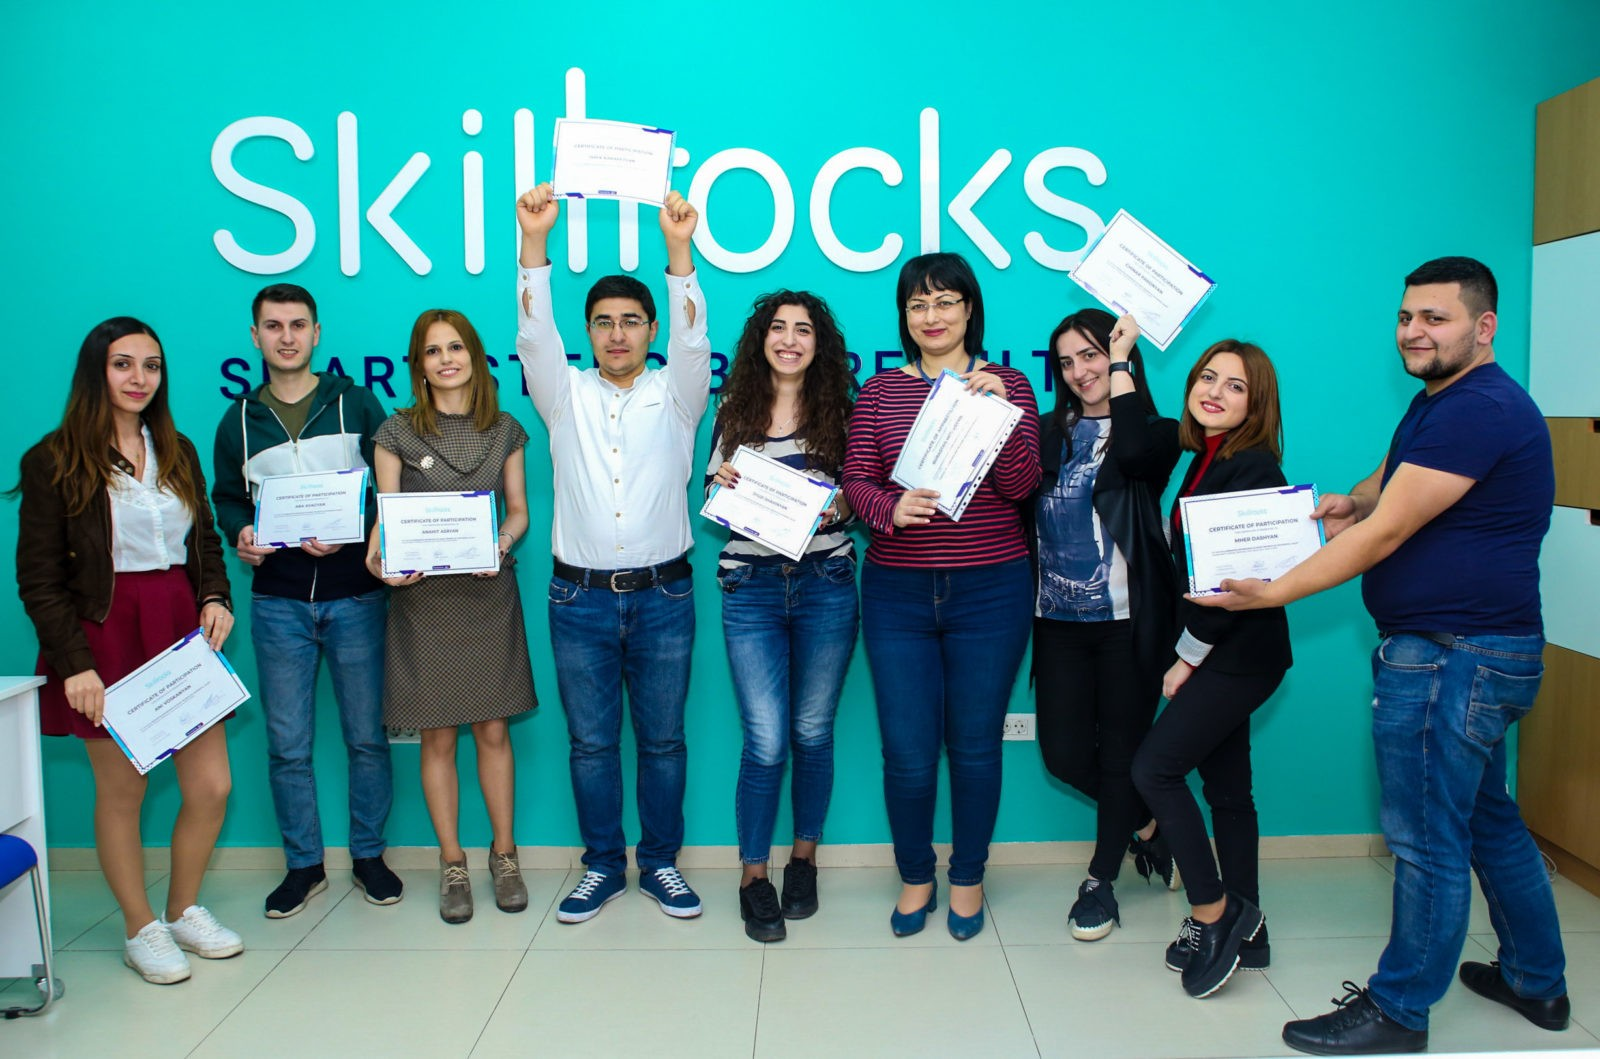 Գիտելիքի փոխարեն հմտություն. Ի՞նչ է տալիս Skillrocks կրթական նախագիծը. Աննա Մանֆրեդի